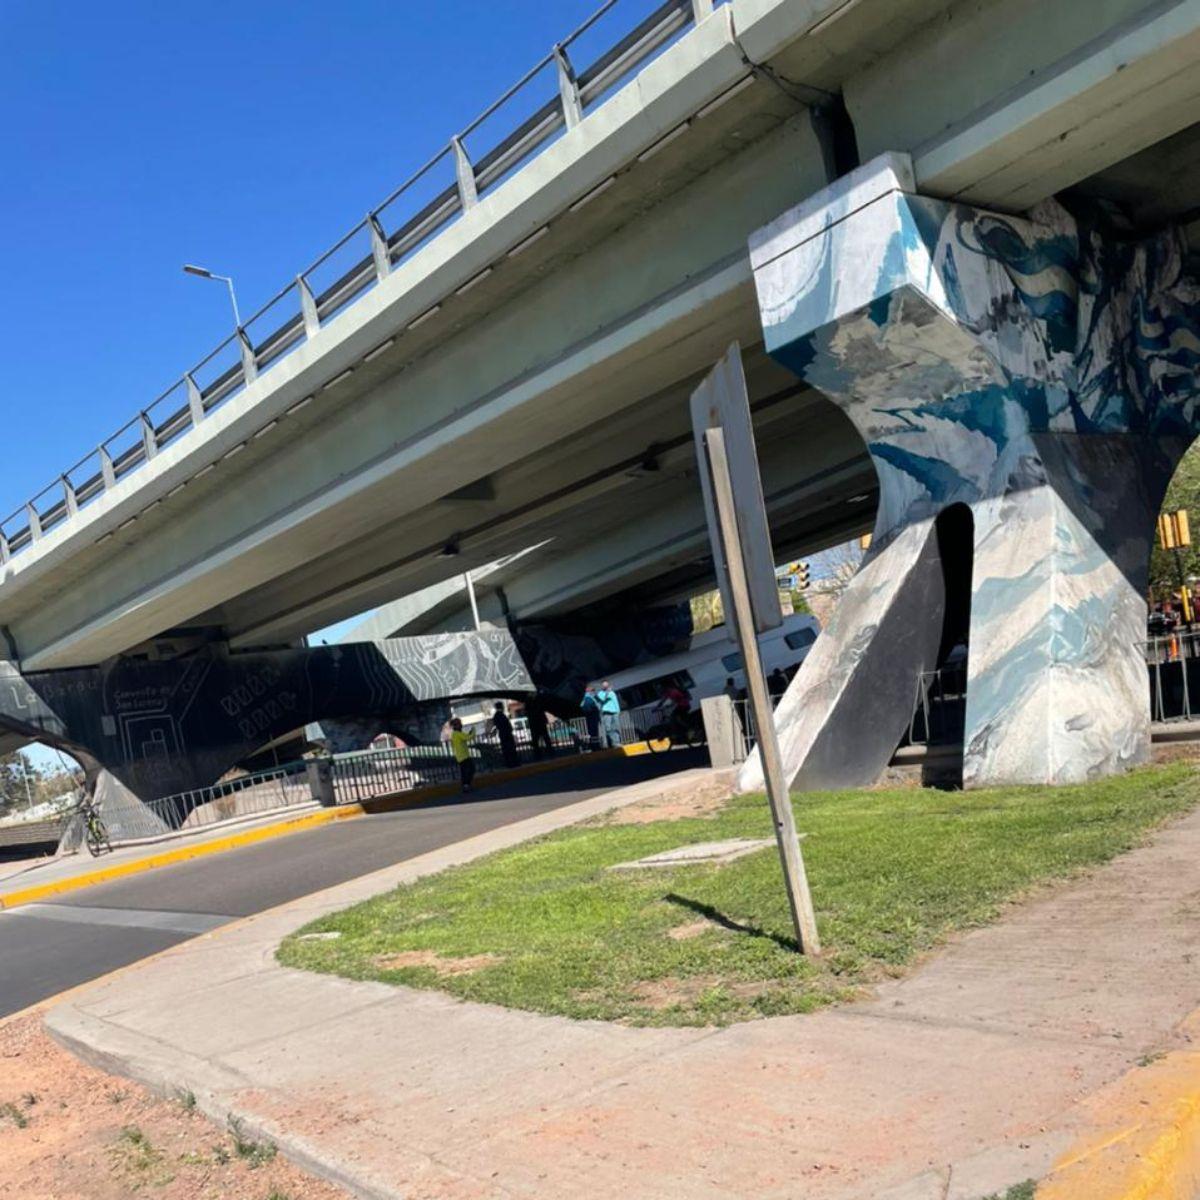 El trabajo conjunto entre personal de la Municipalidad de Capital, de Guaymallén y la Policía de Mendoza permitió minimizar las consecuencias del curioso accidente registrado en el Nudo Vial de Costanera.